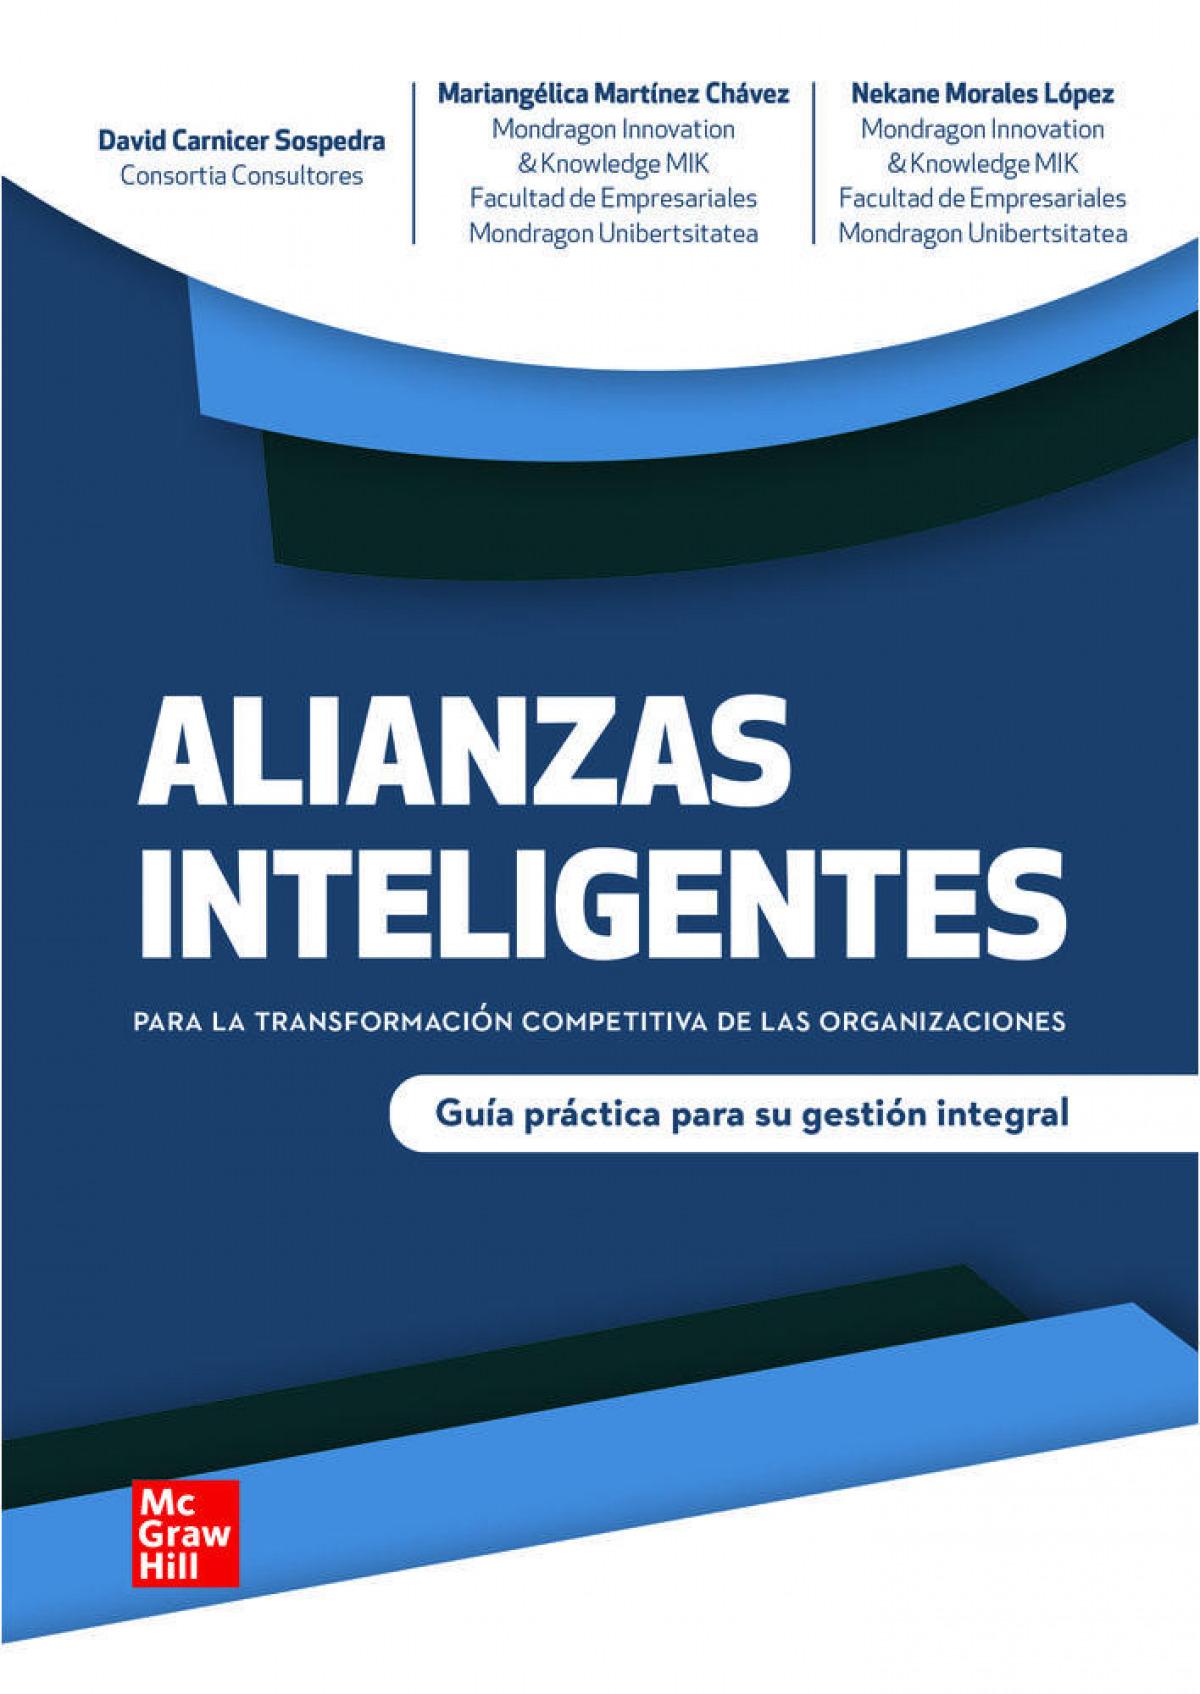 Alianzas inteligentes para la transformación competitiva de las organizaciones